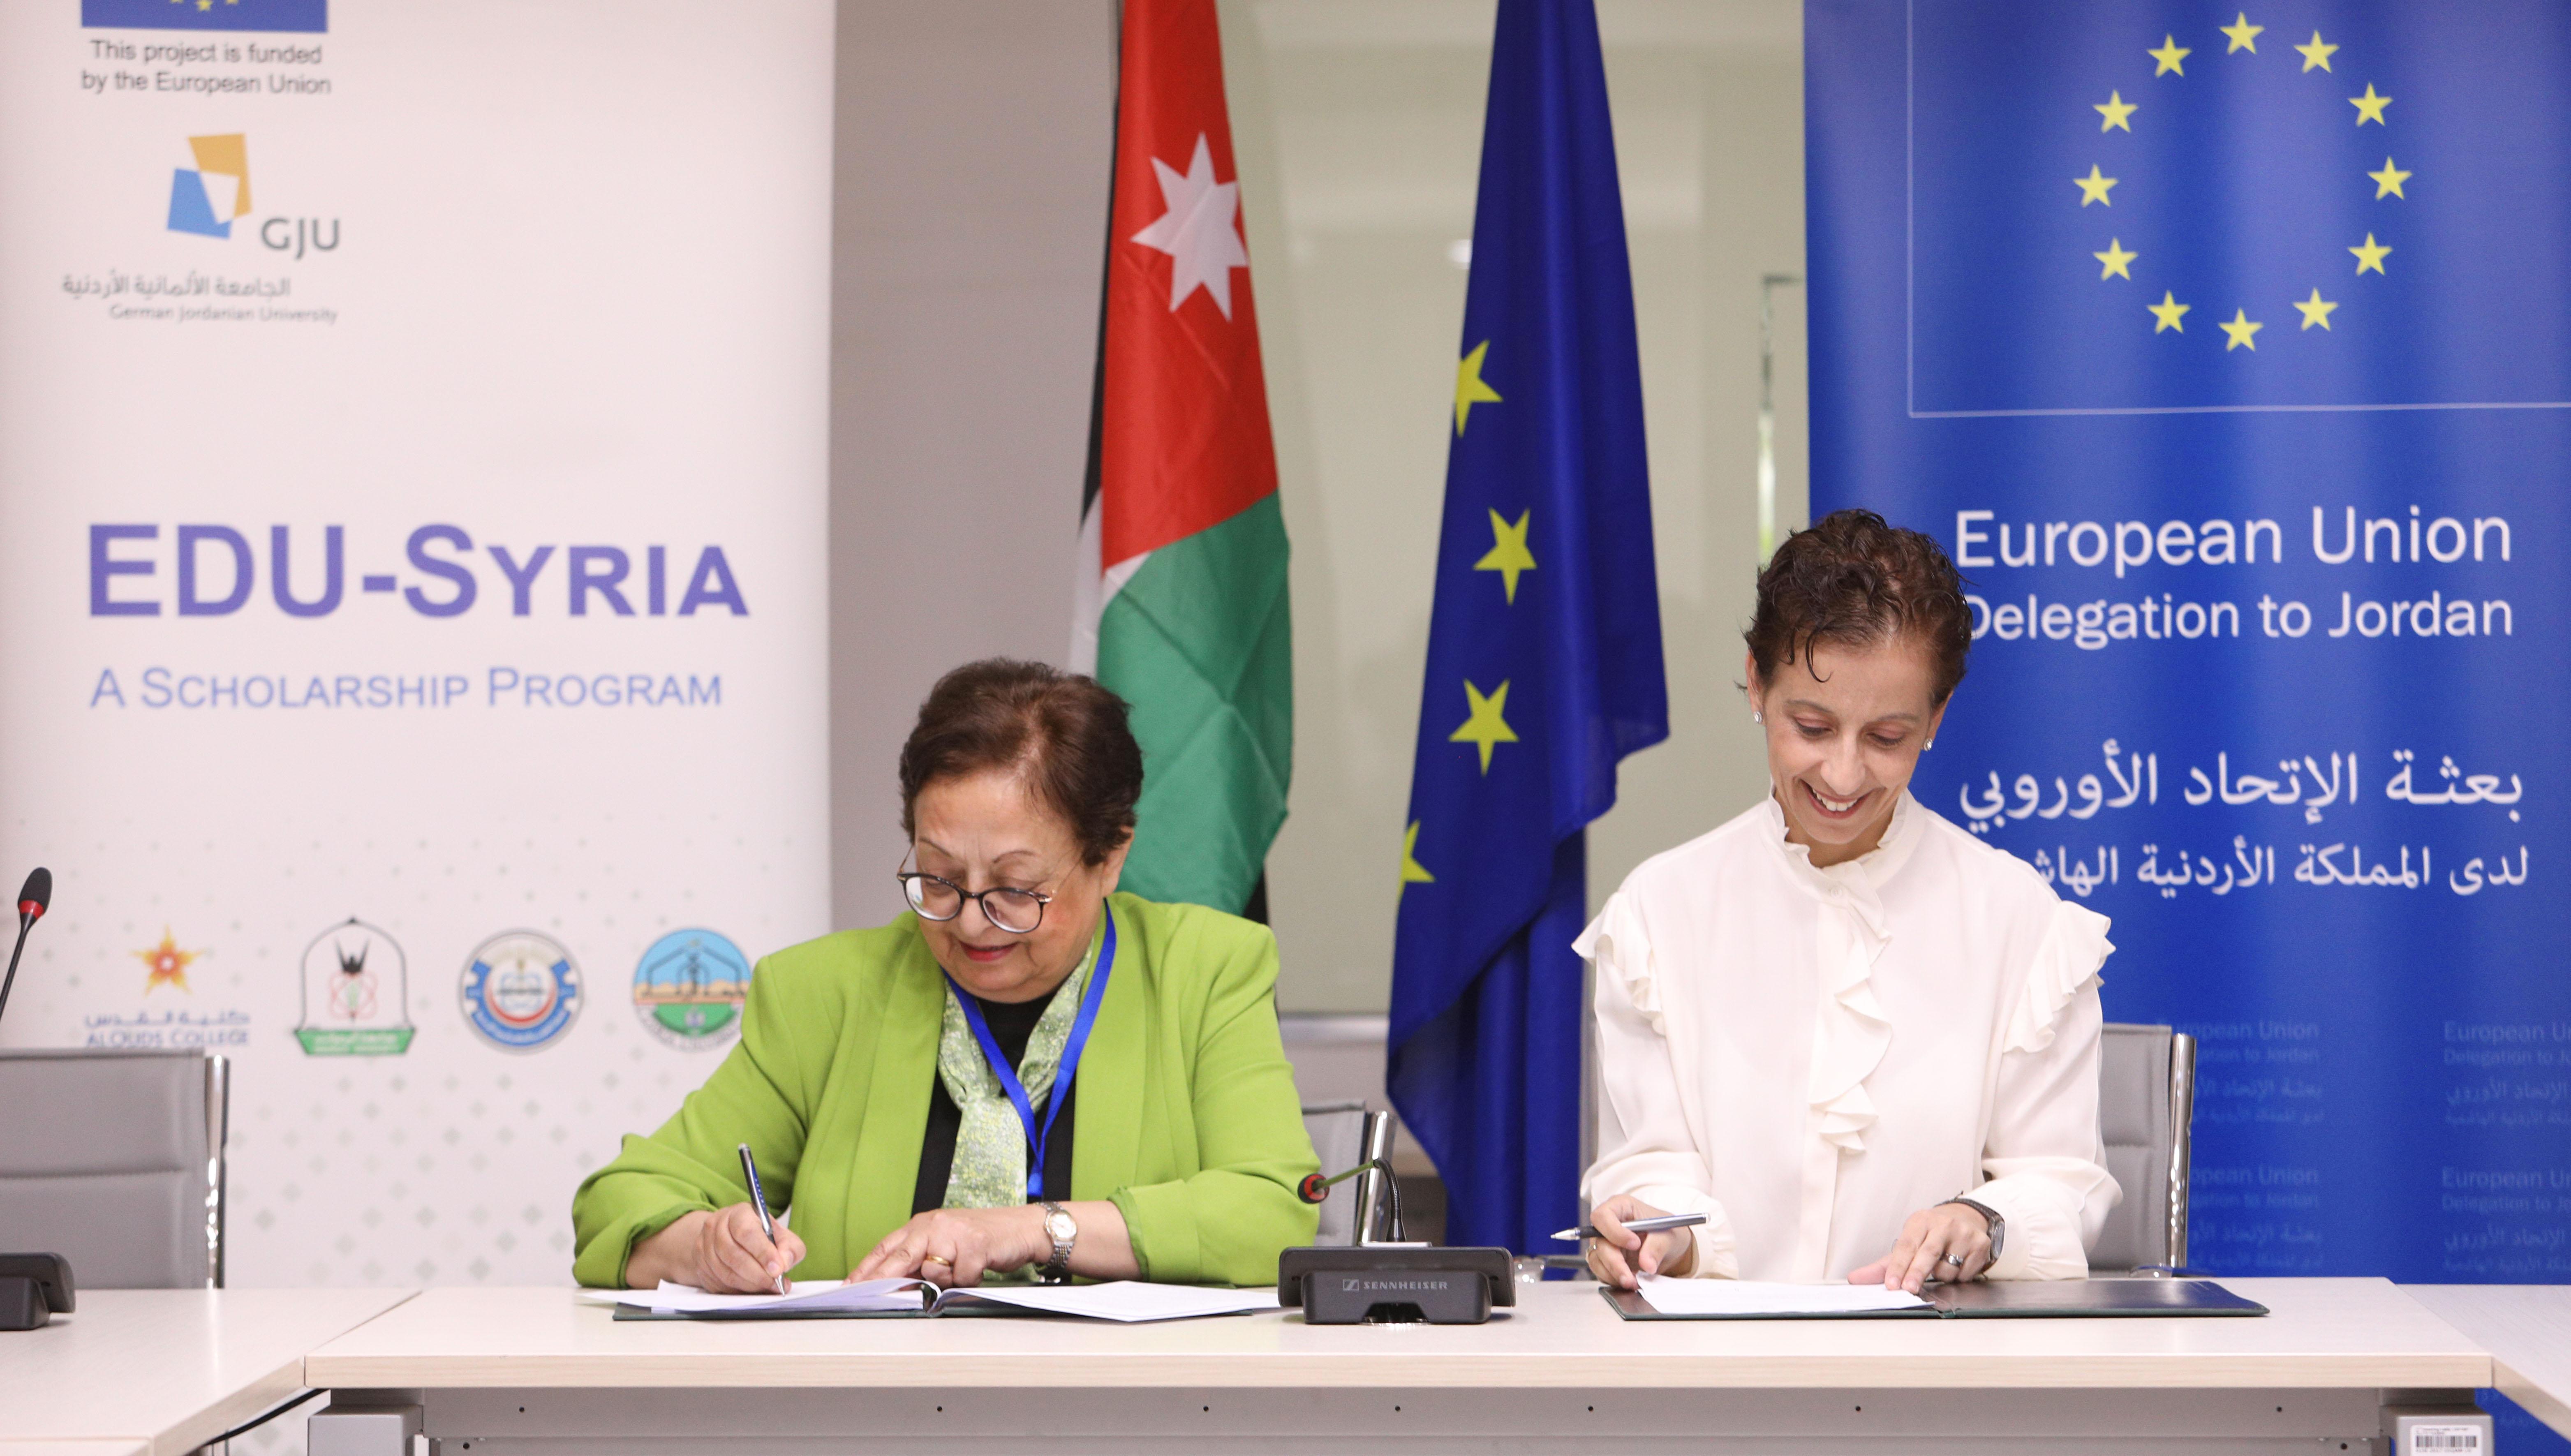 الاتحاد الأوروبي يوقع منحة بقيمة 15 مليون يورو لدعم اللاجئين السوريين والأردنيين الأقل حظا في الحصول على التعليم العالي